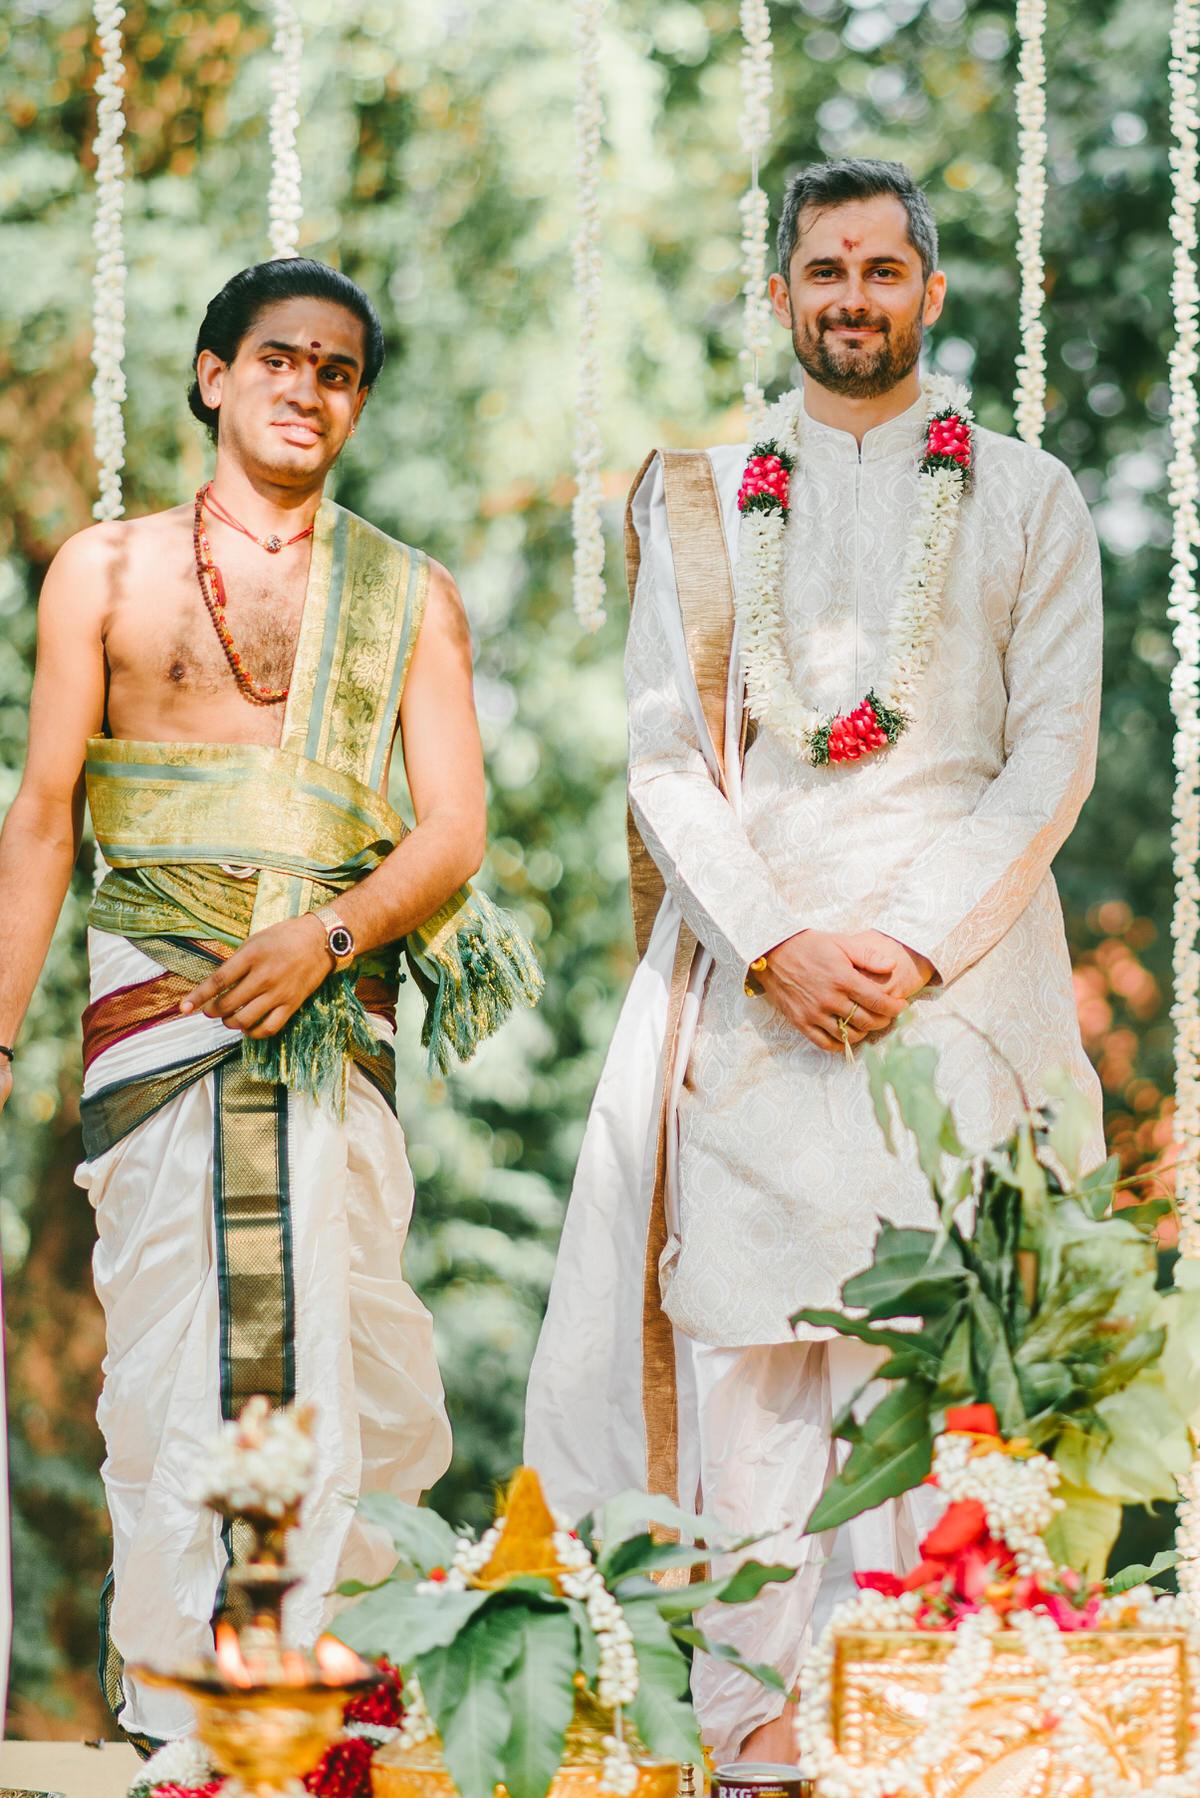 singapore wedding - indian wedding - baliweddingphotographer - diktatphotography - S&L- 70